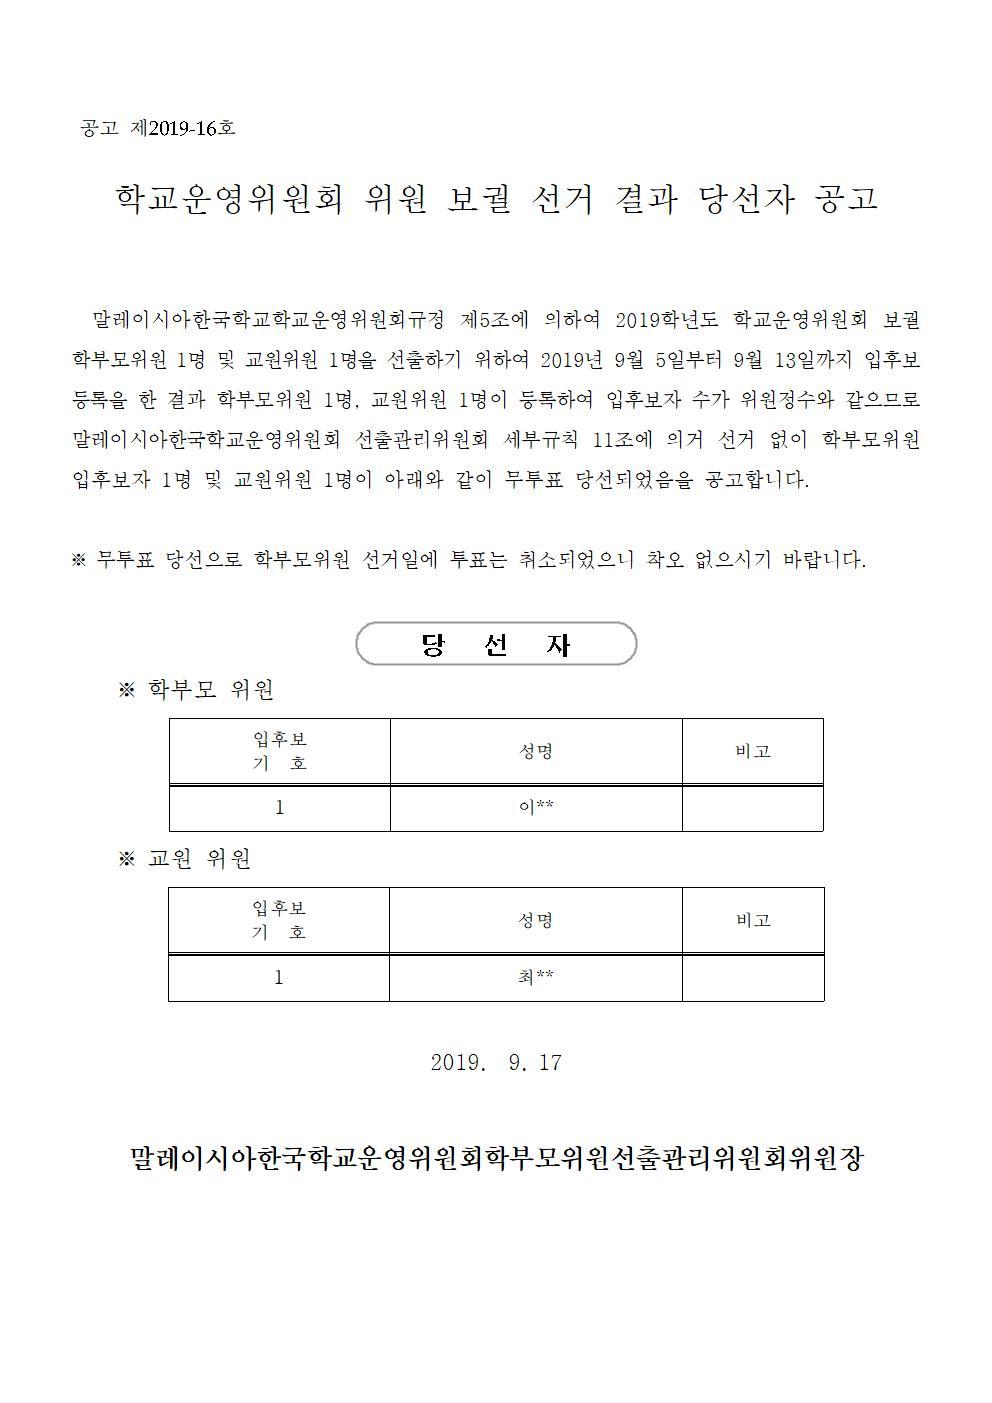 당선결과 공고_홈페이지용001.jpg